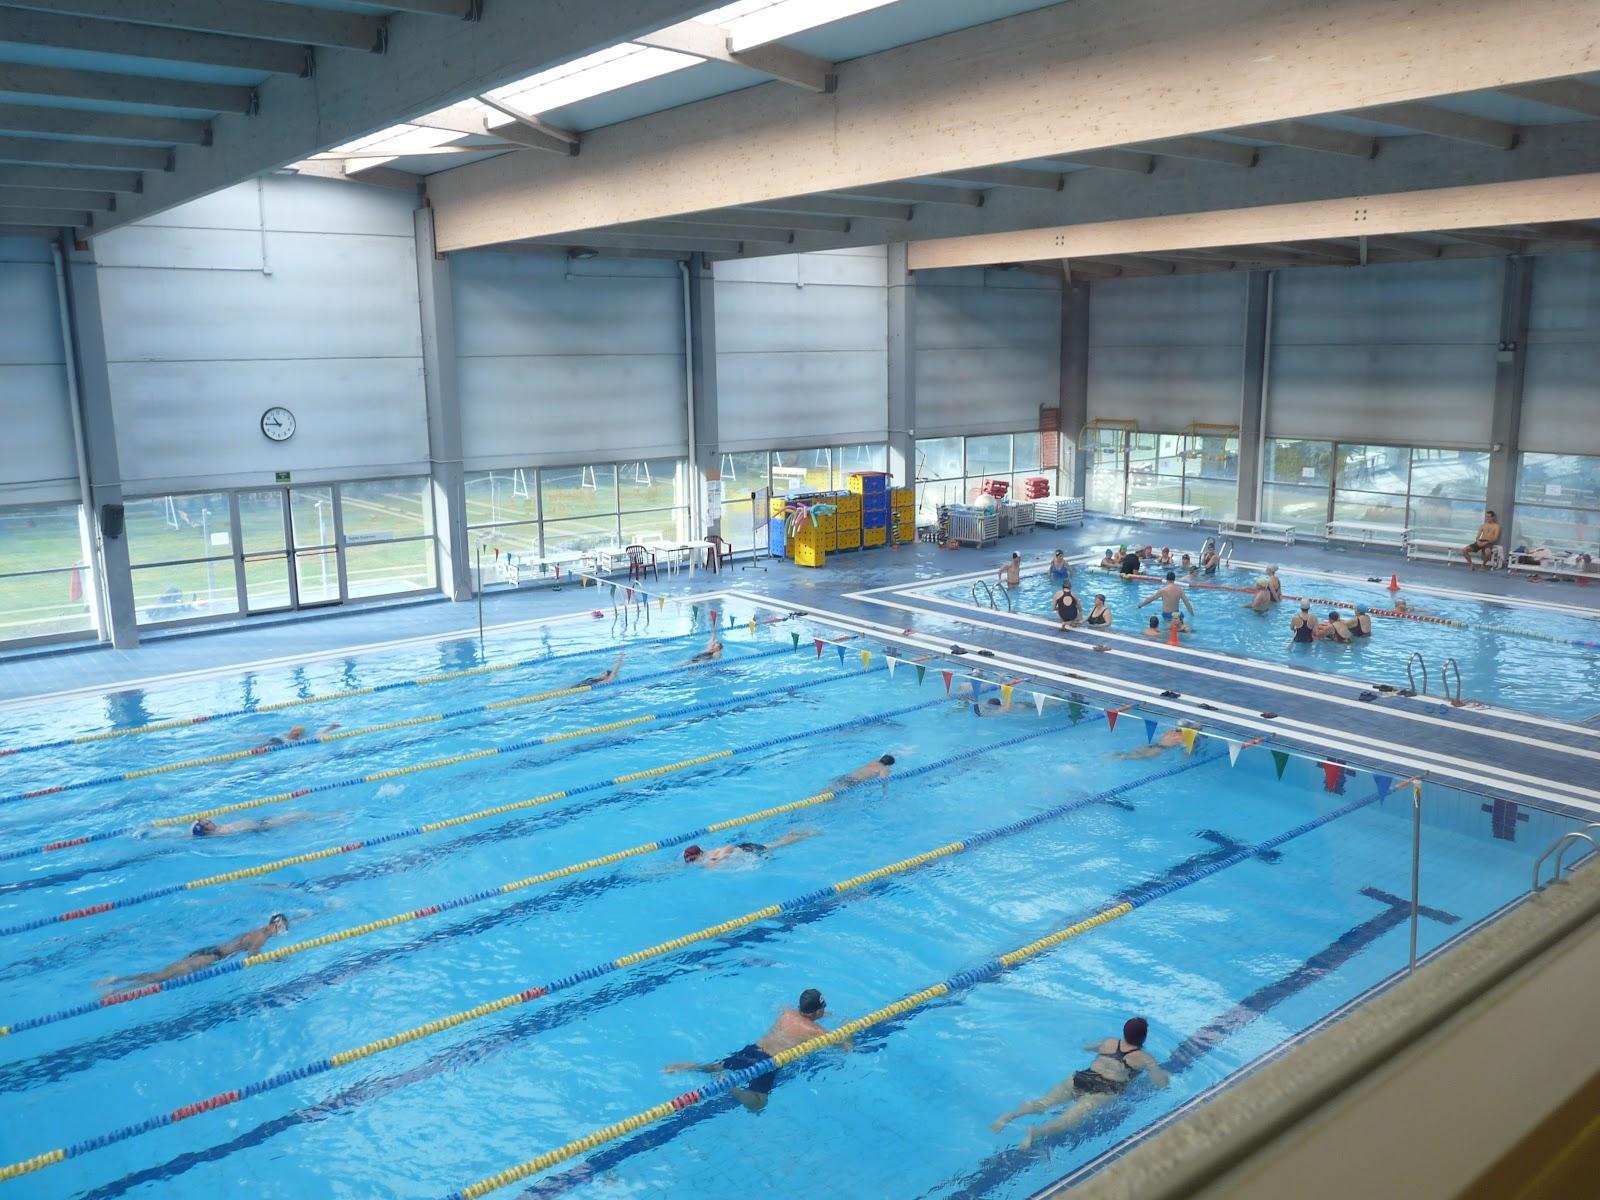 cierre temporal piscina climatizada cdm valdebernardo